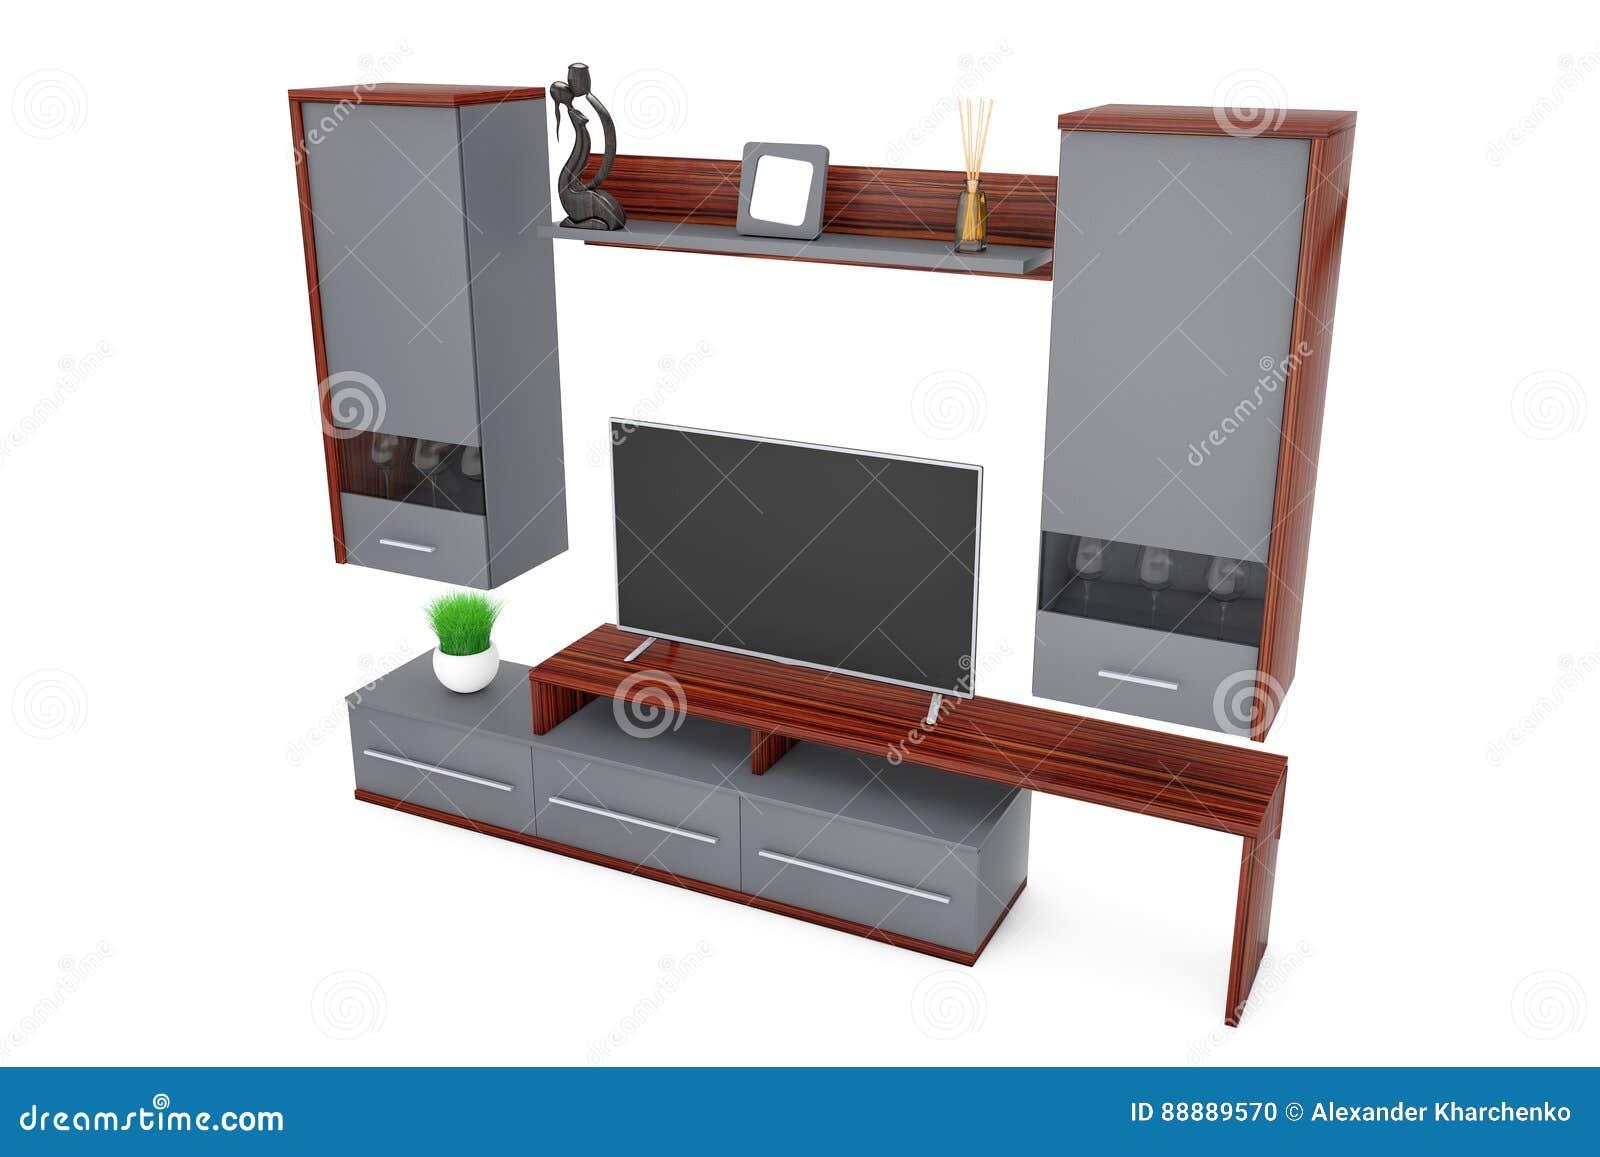 Moderne Wohnzimmer Schrankwand Auf Einem Weißen Hintergrund Wiedergabe 3d